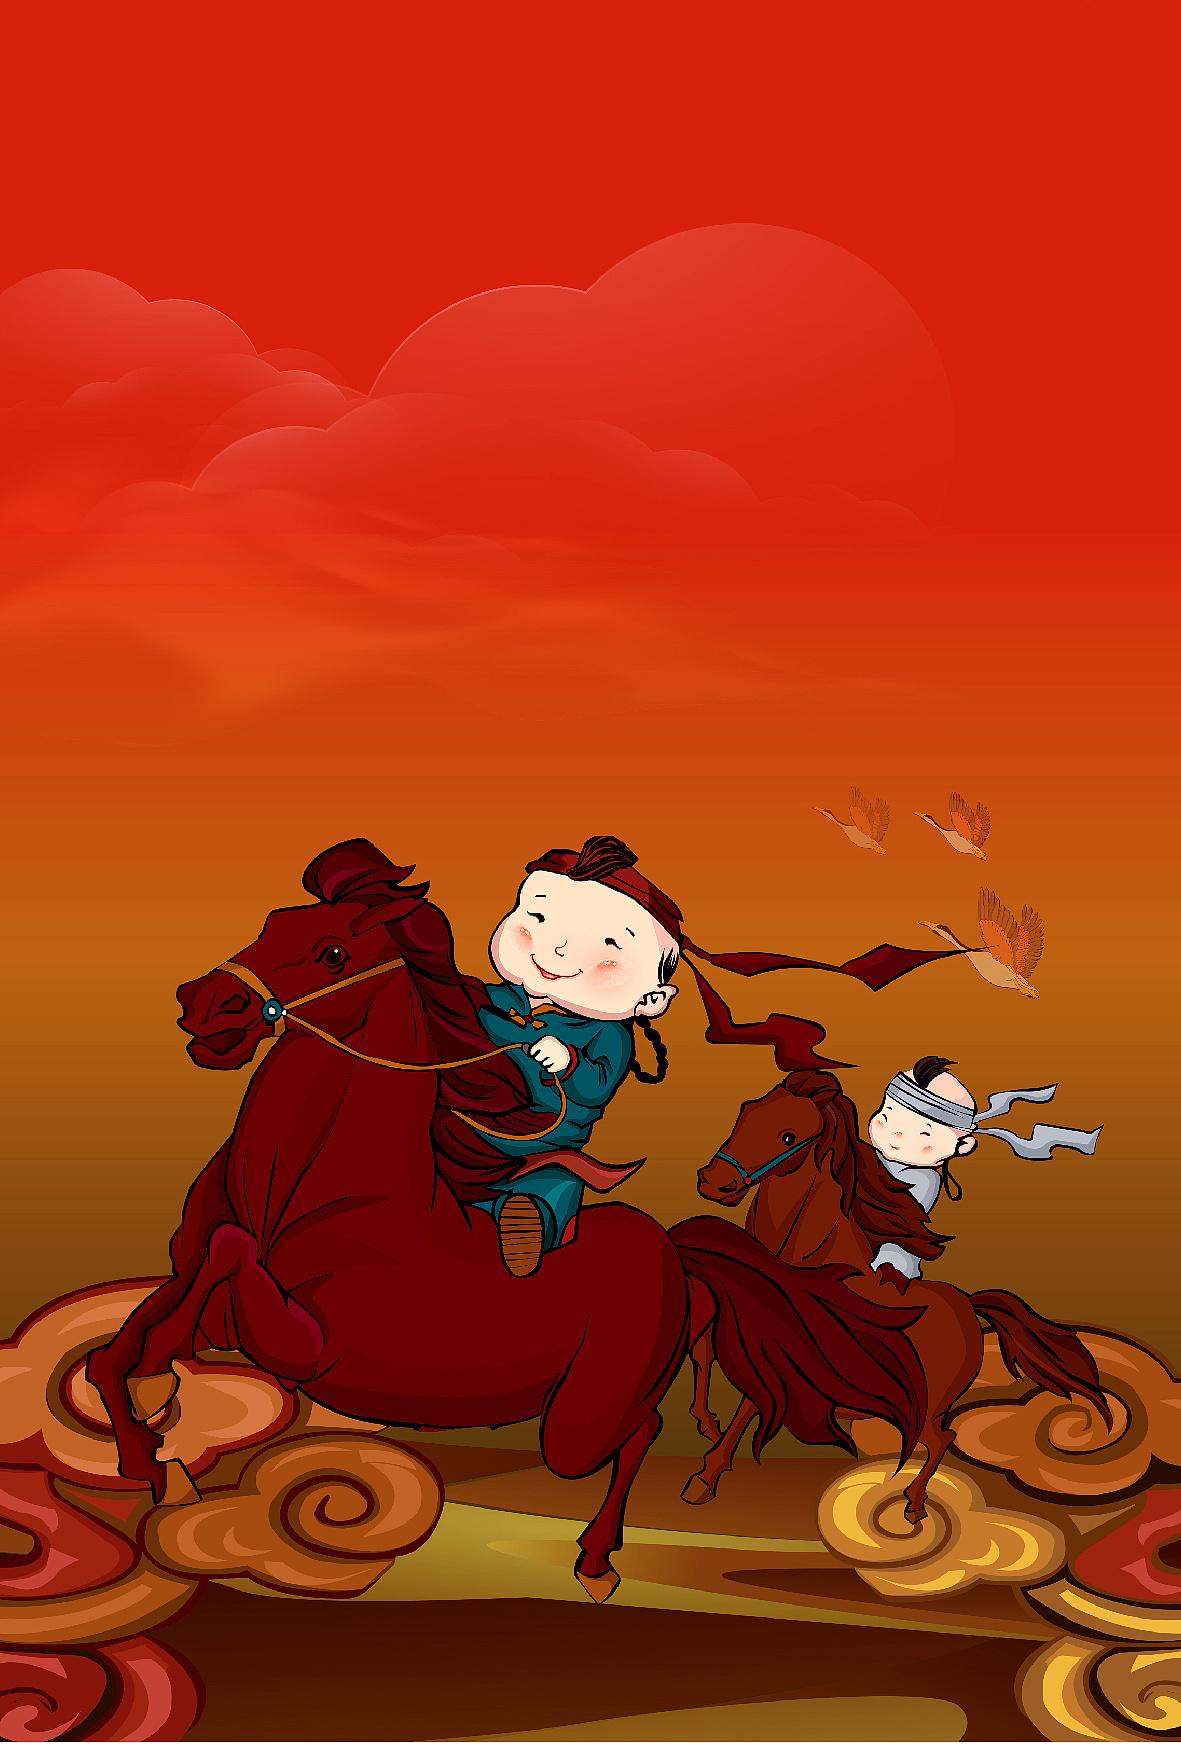 蒙古族小插画 第2张